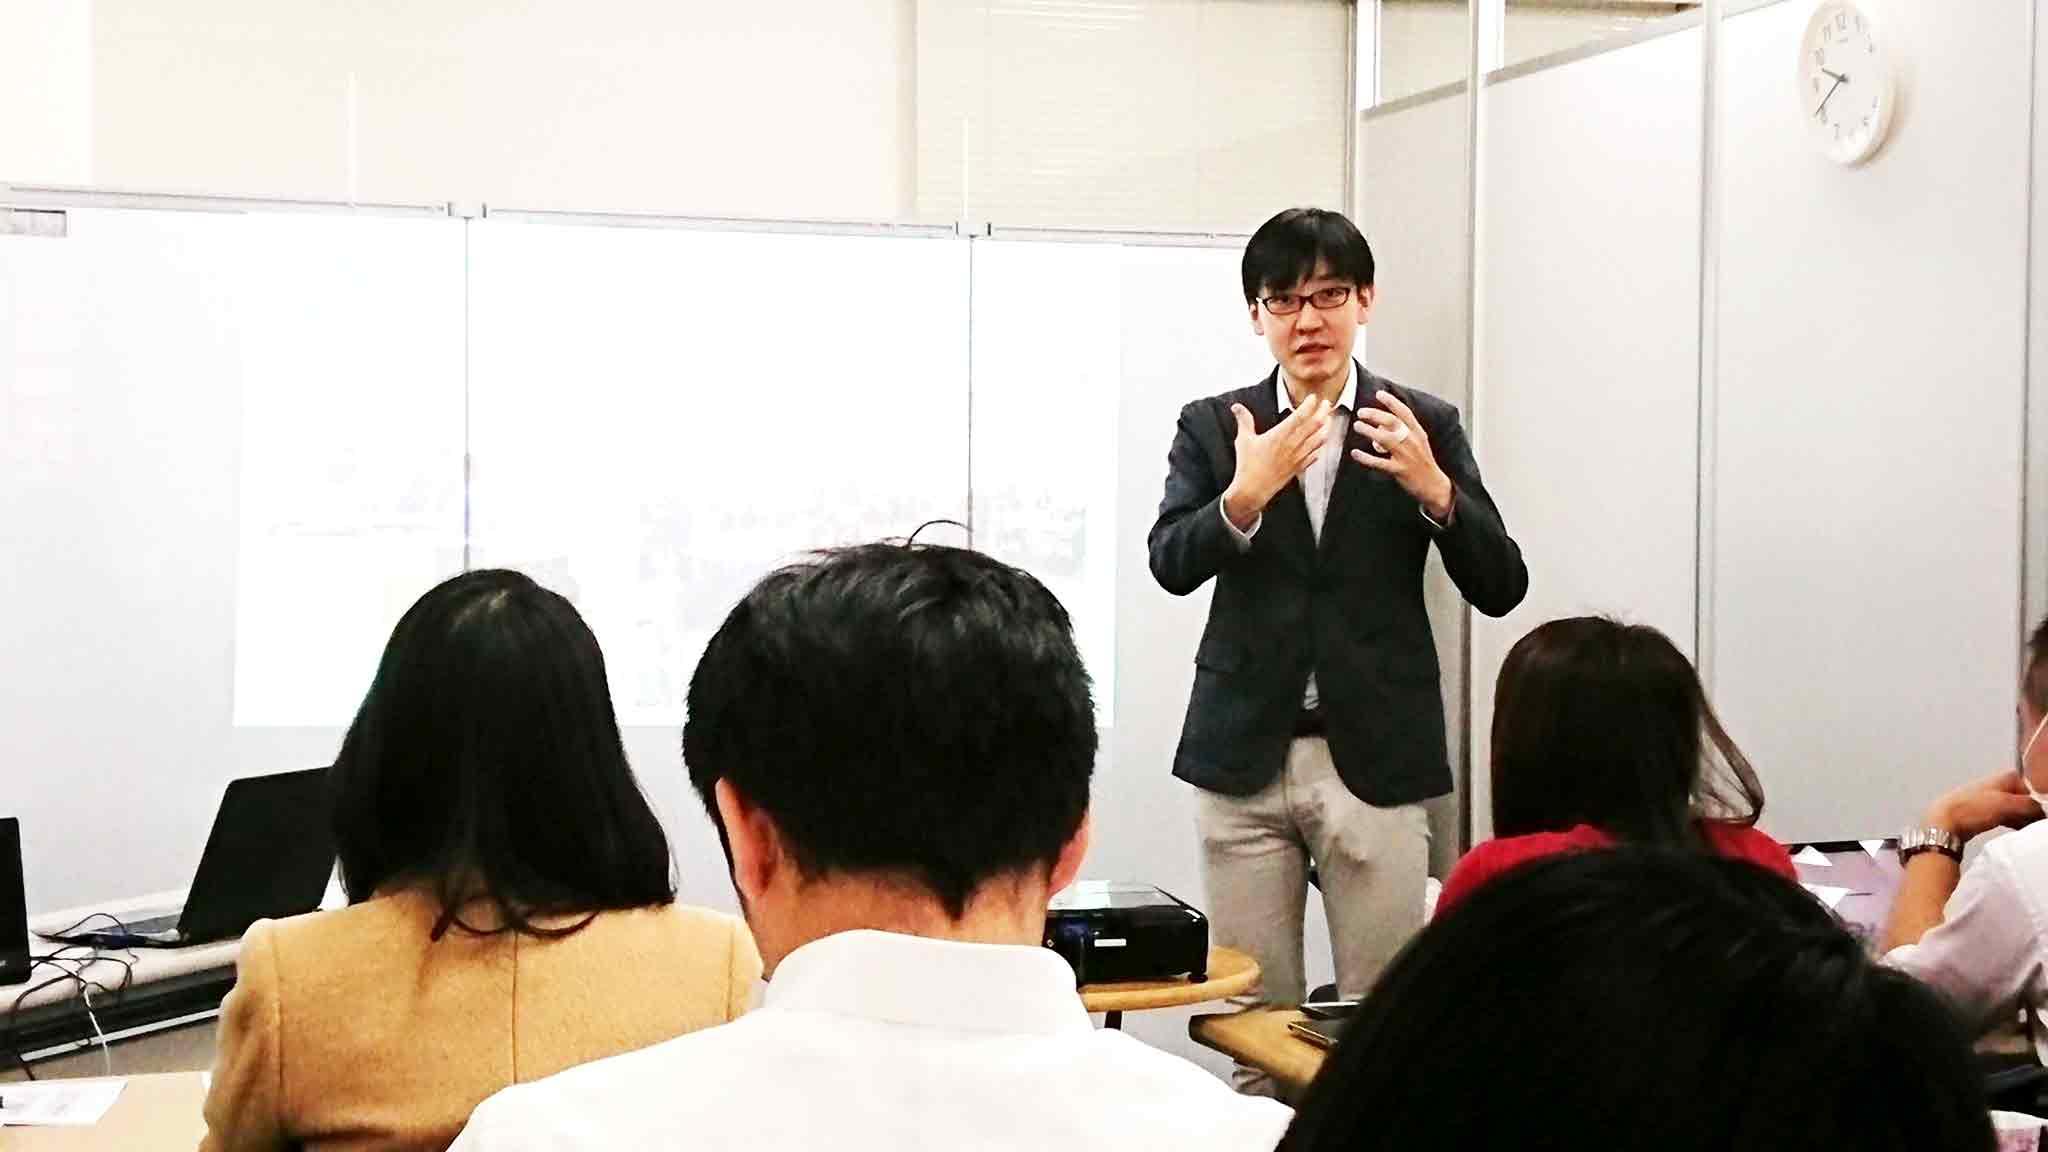 異文化コミュニケーション研修 伝わる日本語の話方と聞き方